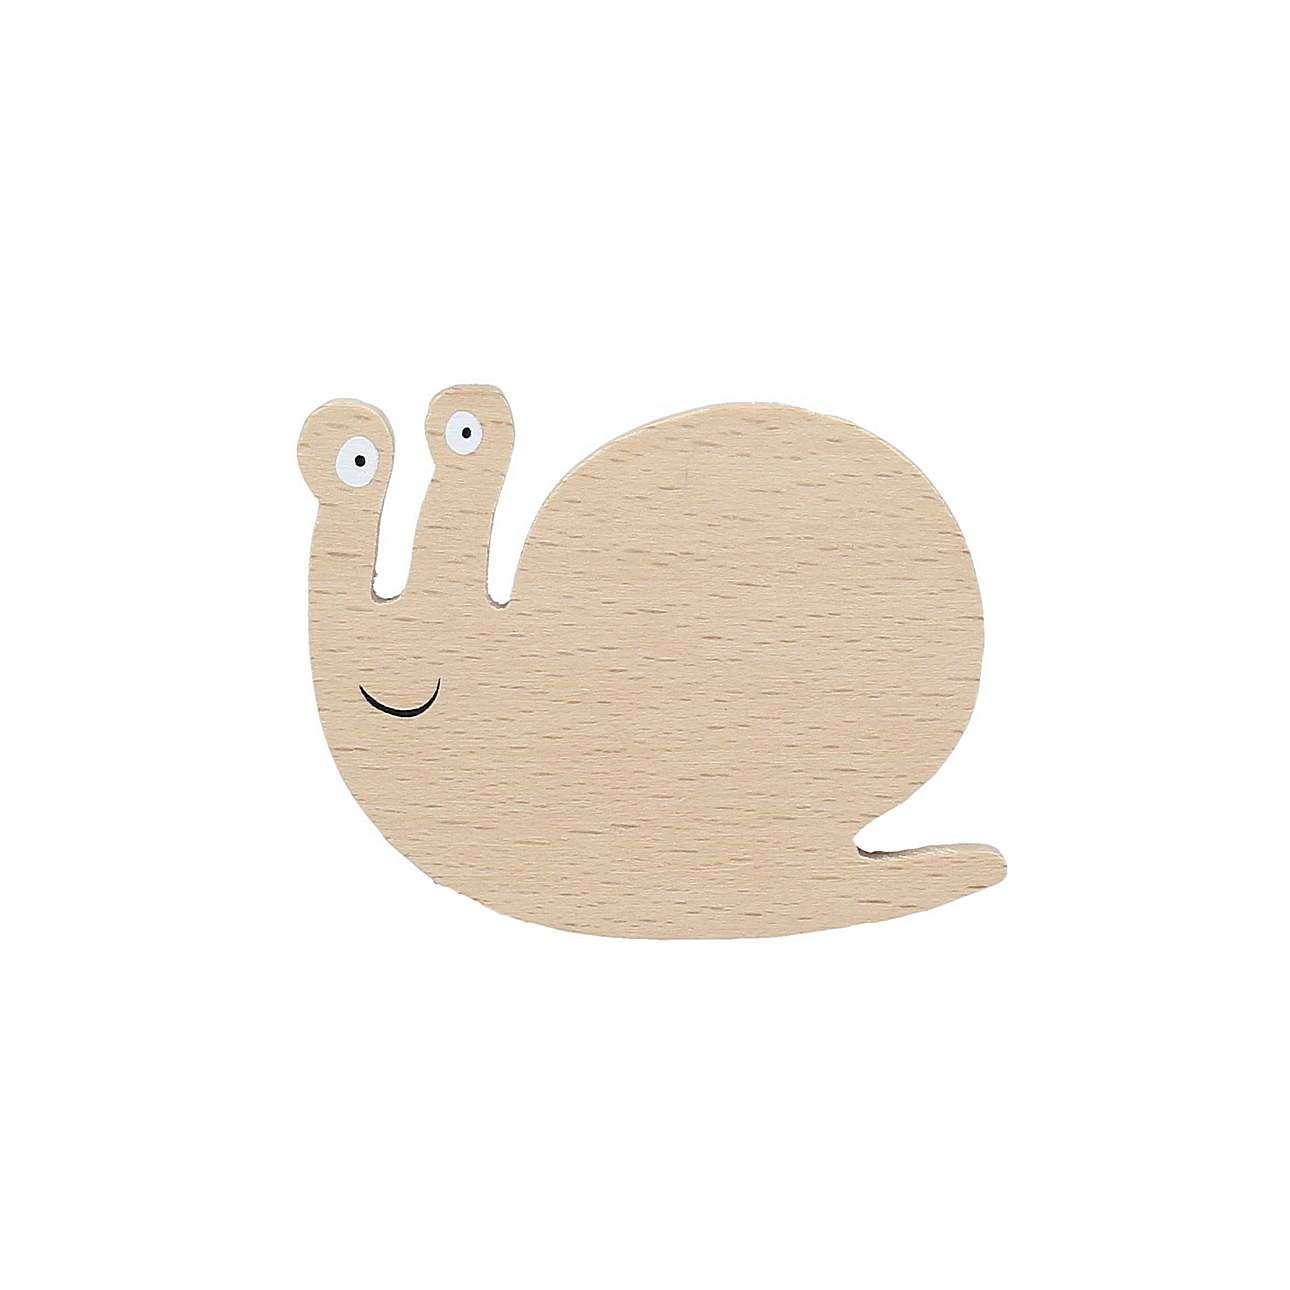 Věšák Snail